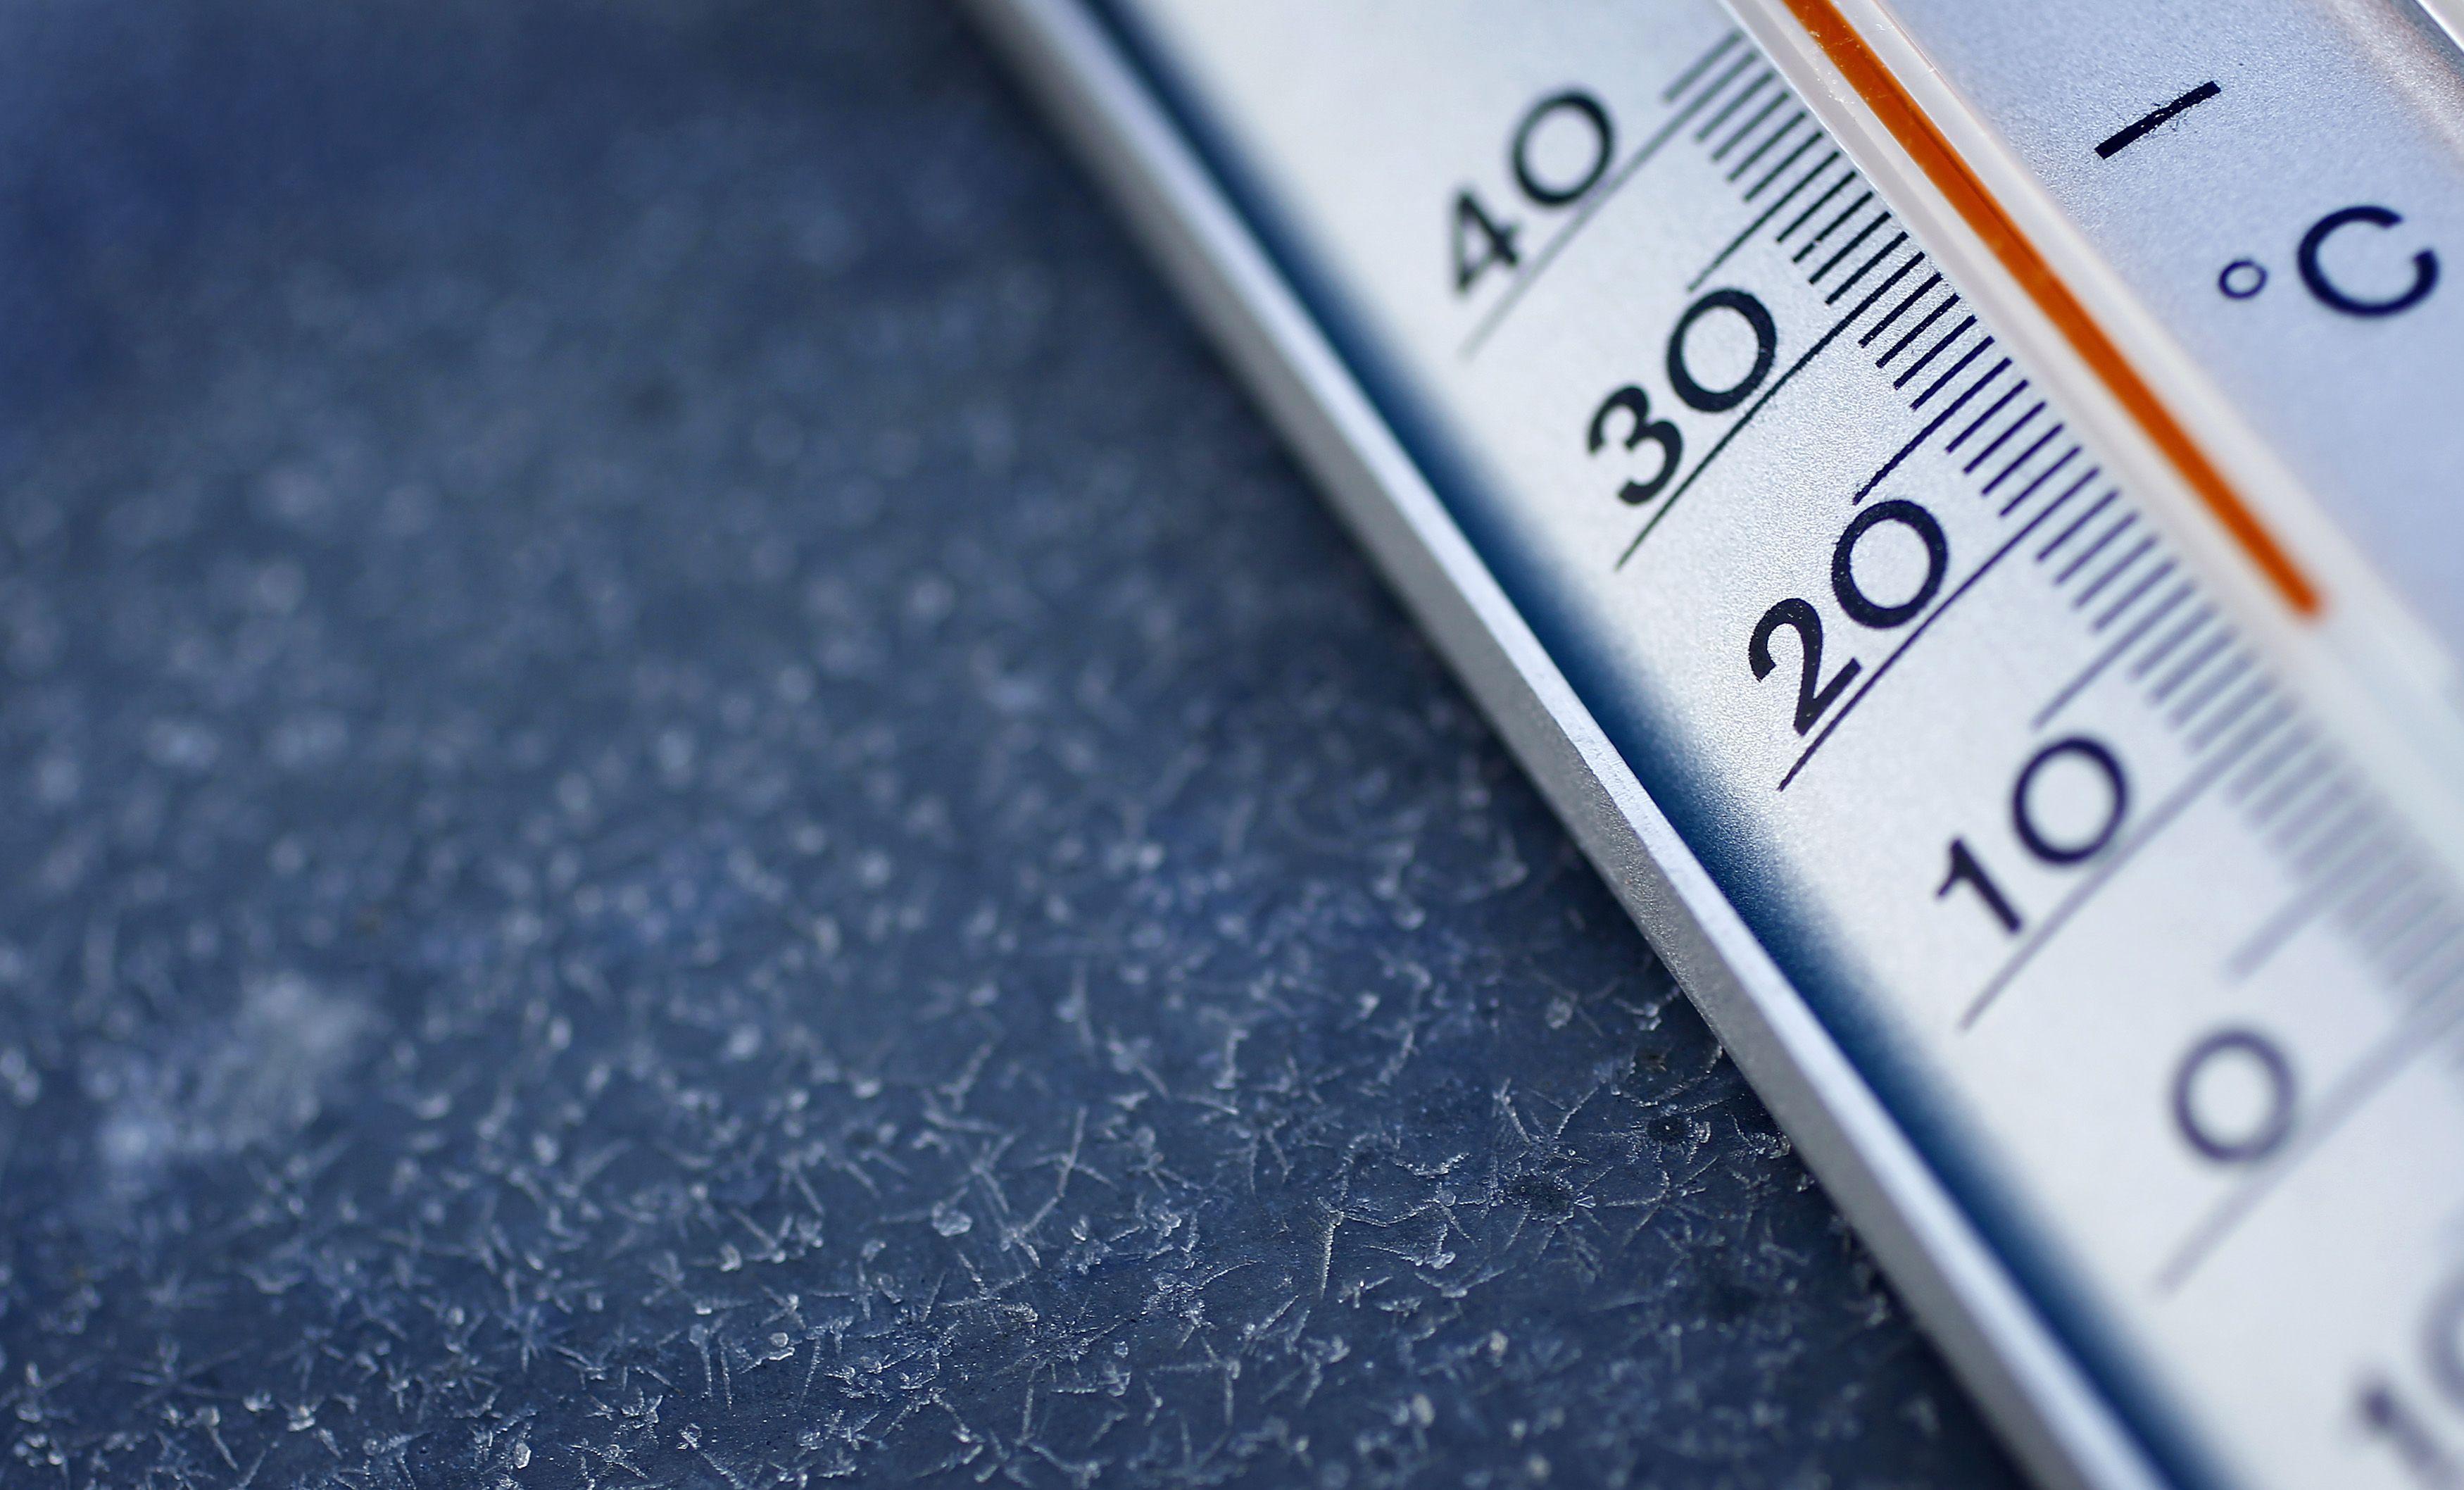 Le mois de juin a été le plus chaud jamais enregistré sur Terre